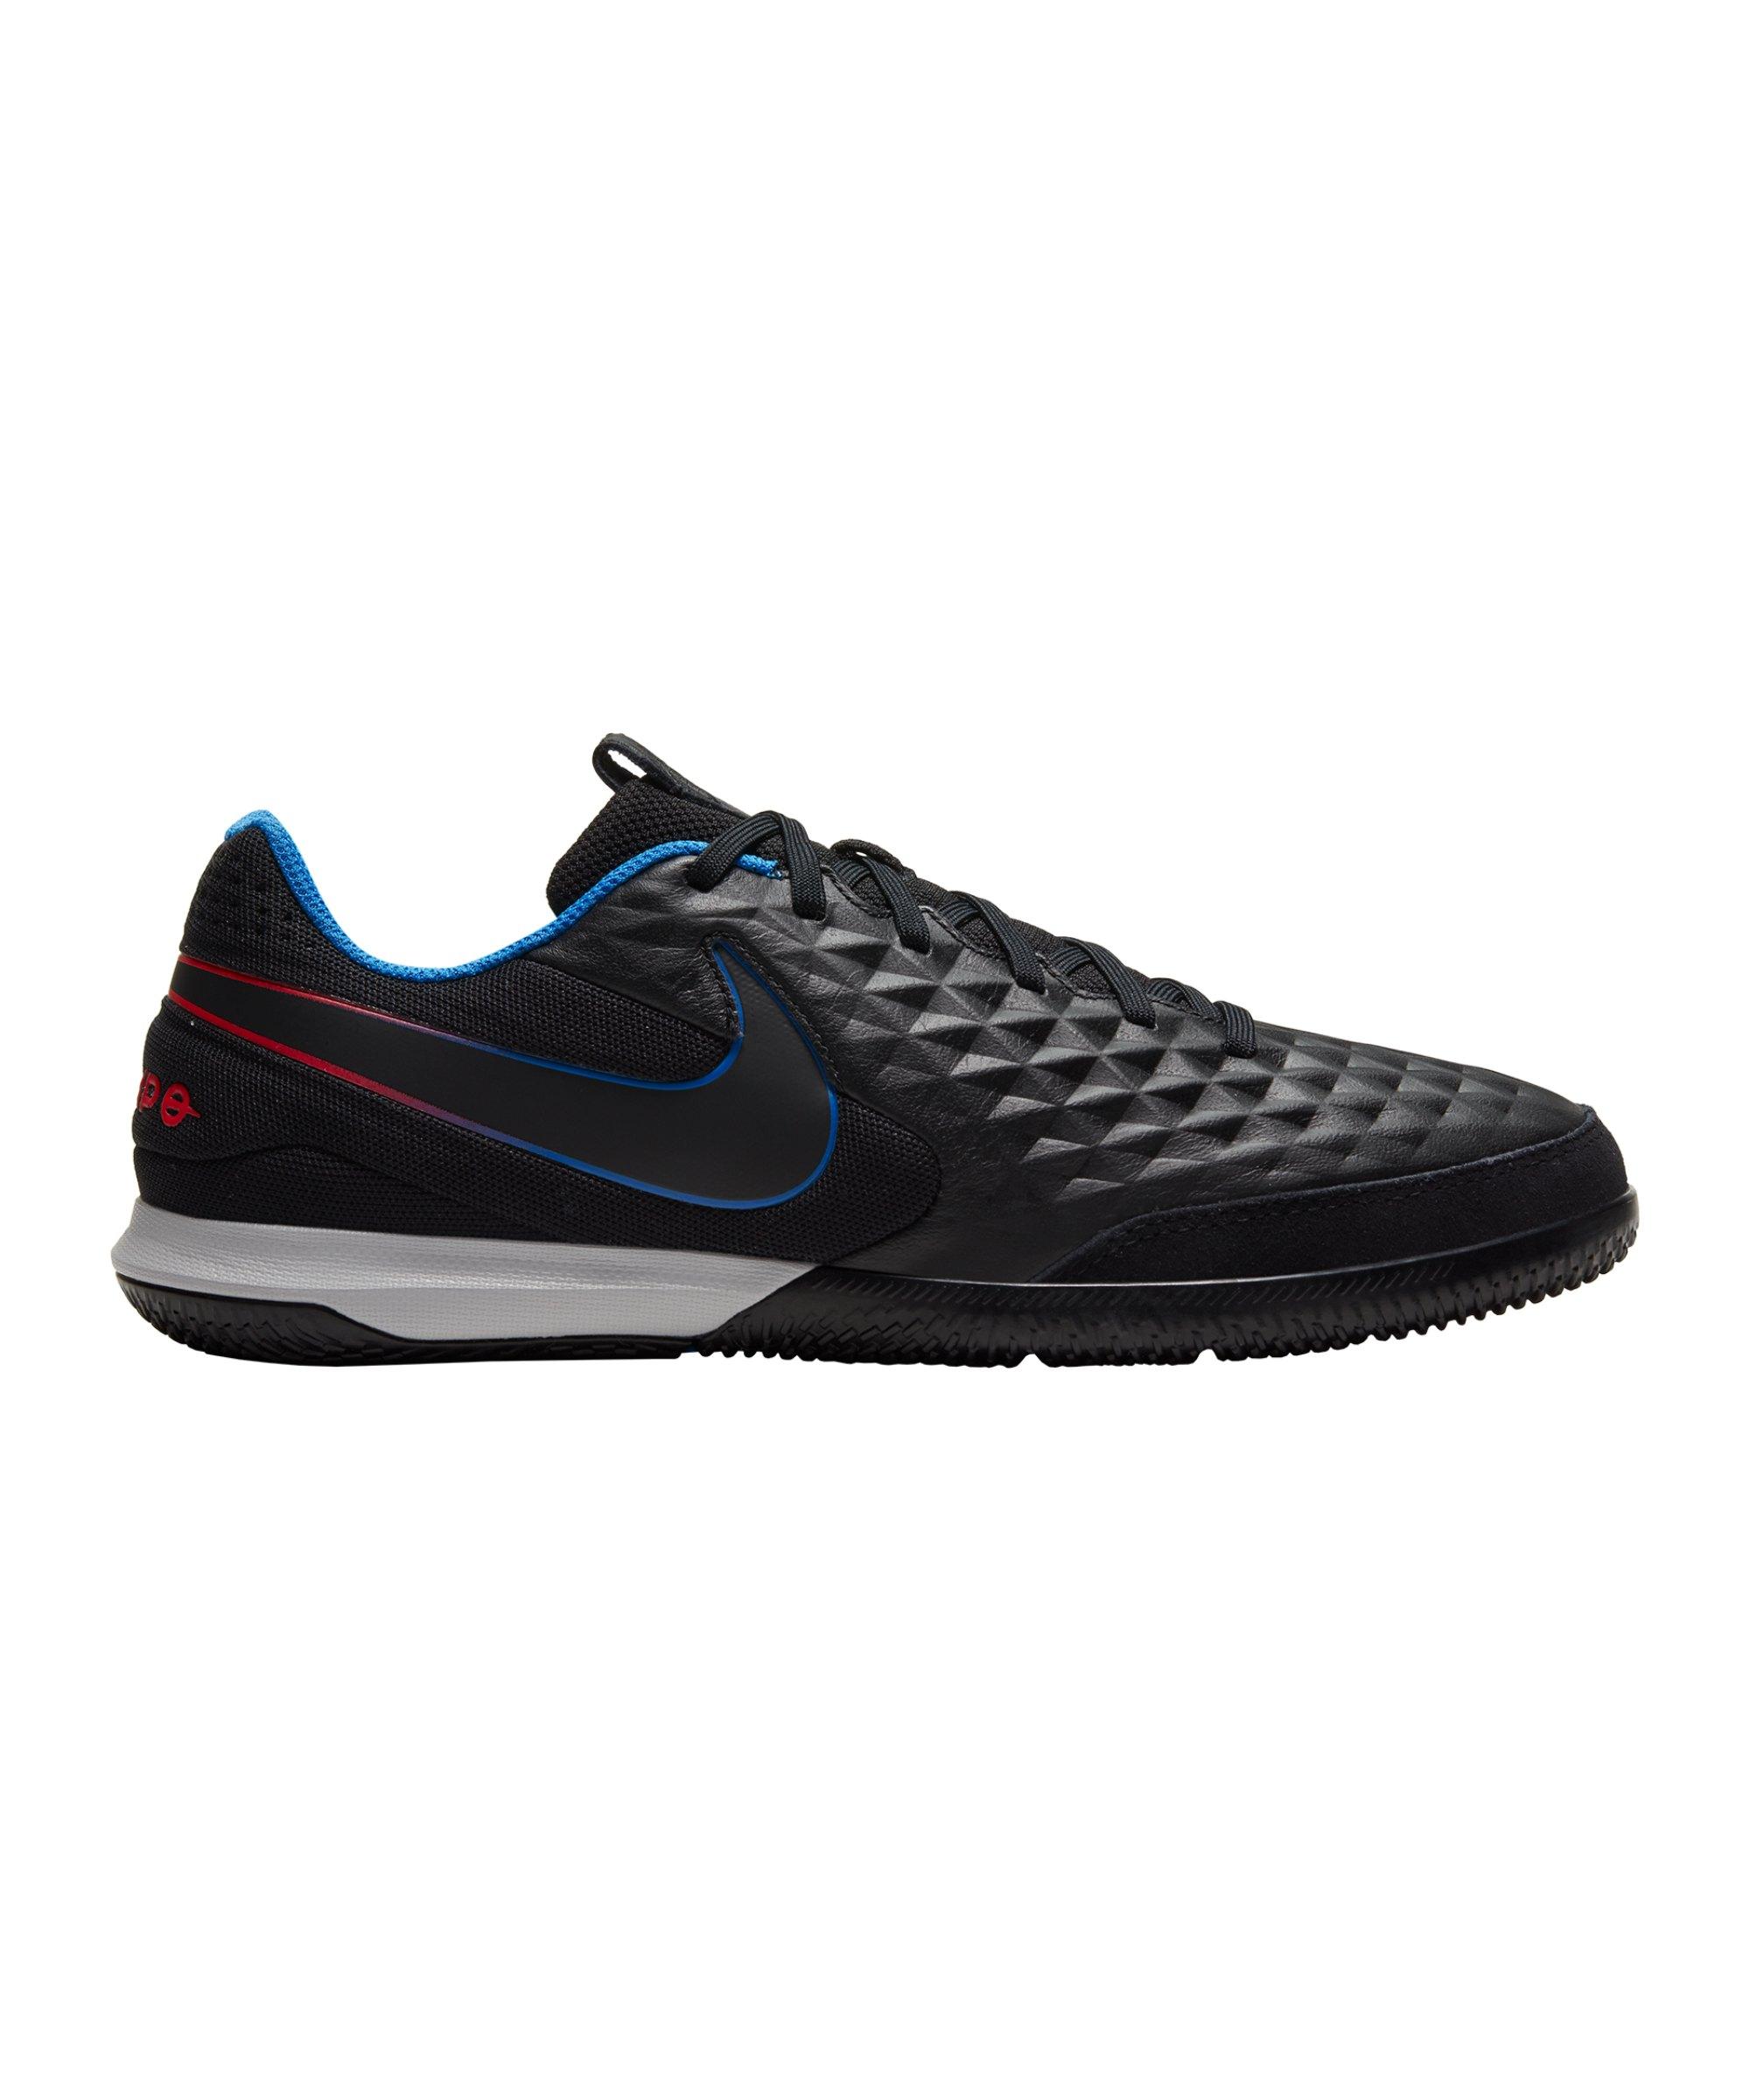 Nike Tiempo Legend VIII Black X Prism Academy IC Schwarz Blau Rot F090 - schwarz